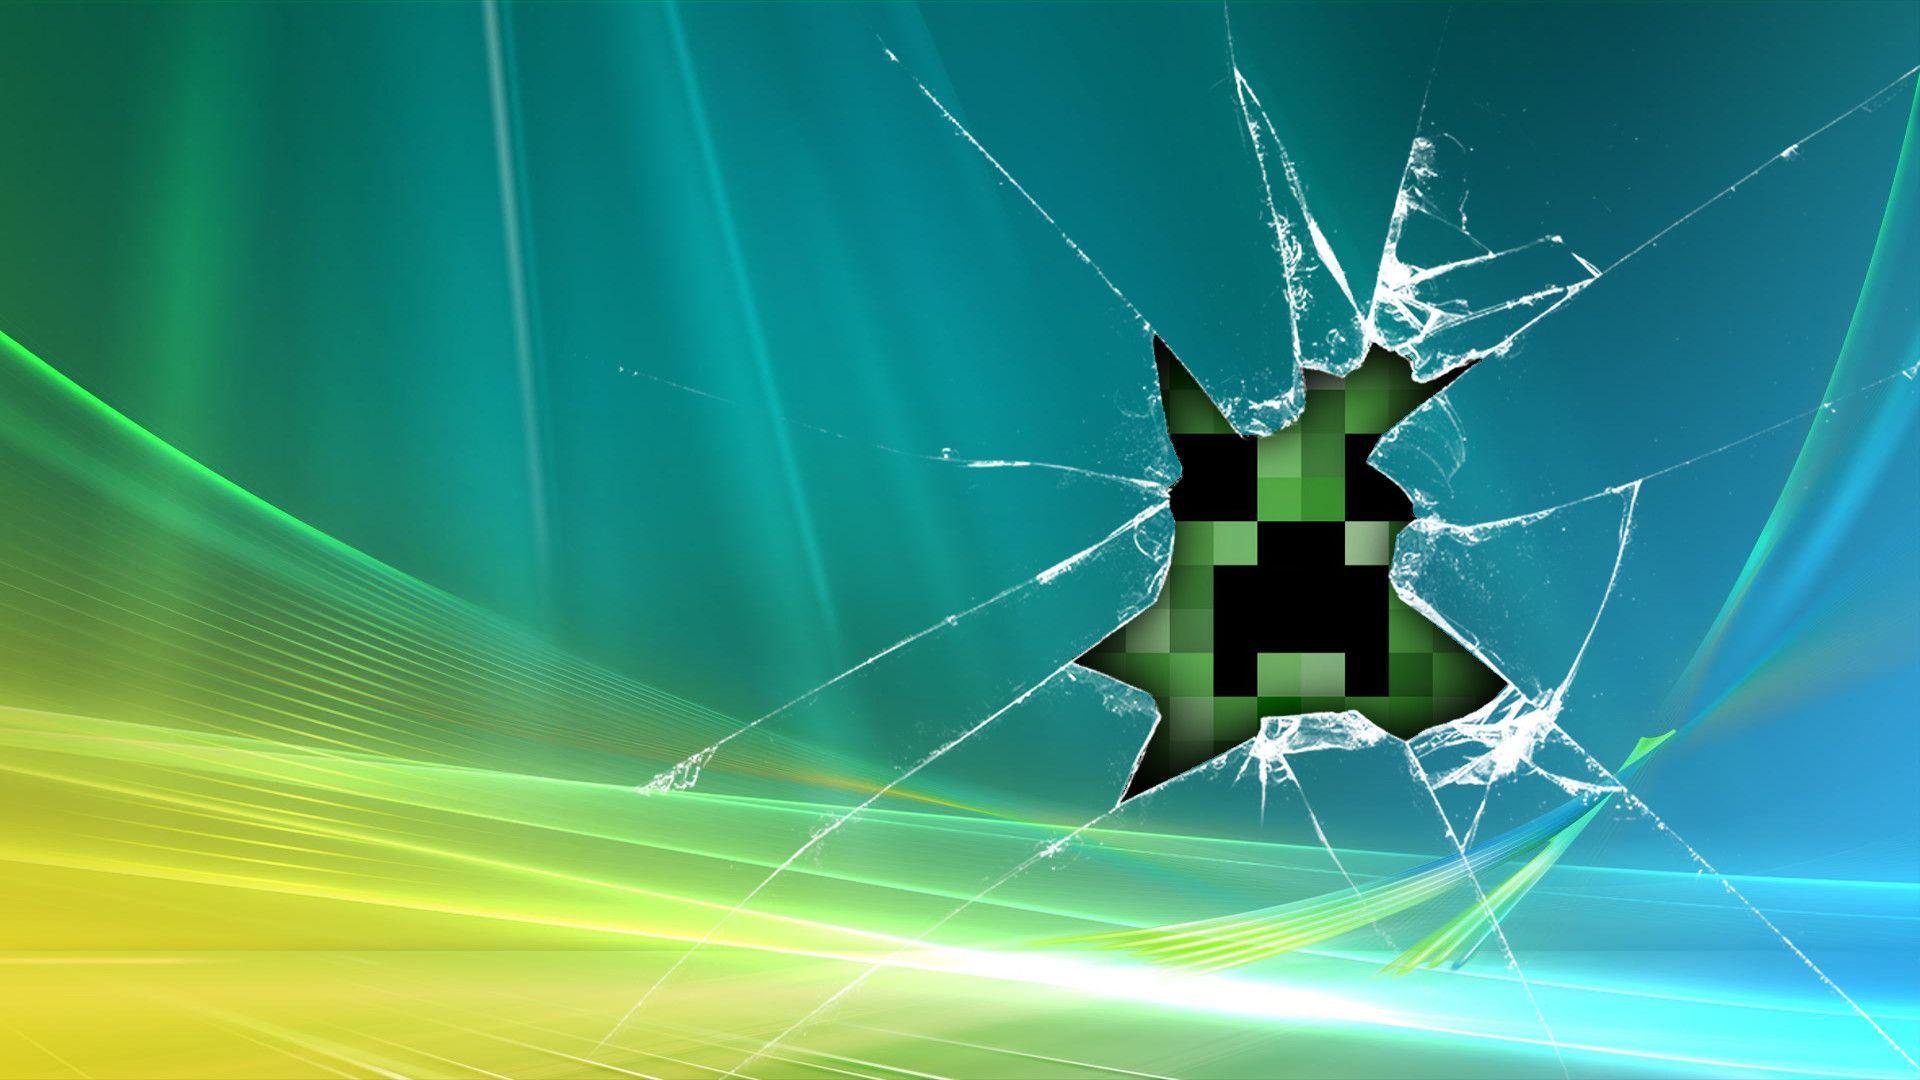 Windows 10 Wallpaper Broken Mywallpapers Site In 2020 Minecraft Wallpaper Broken Screen Wallpaper Screen Wallpaper